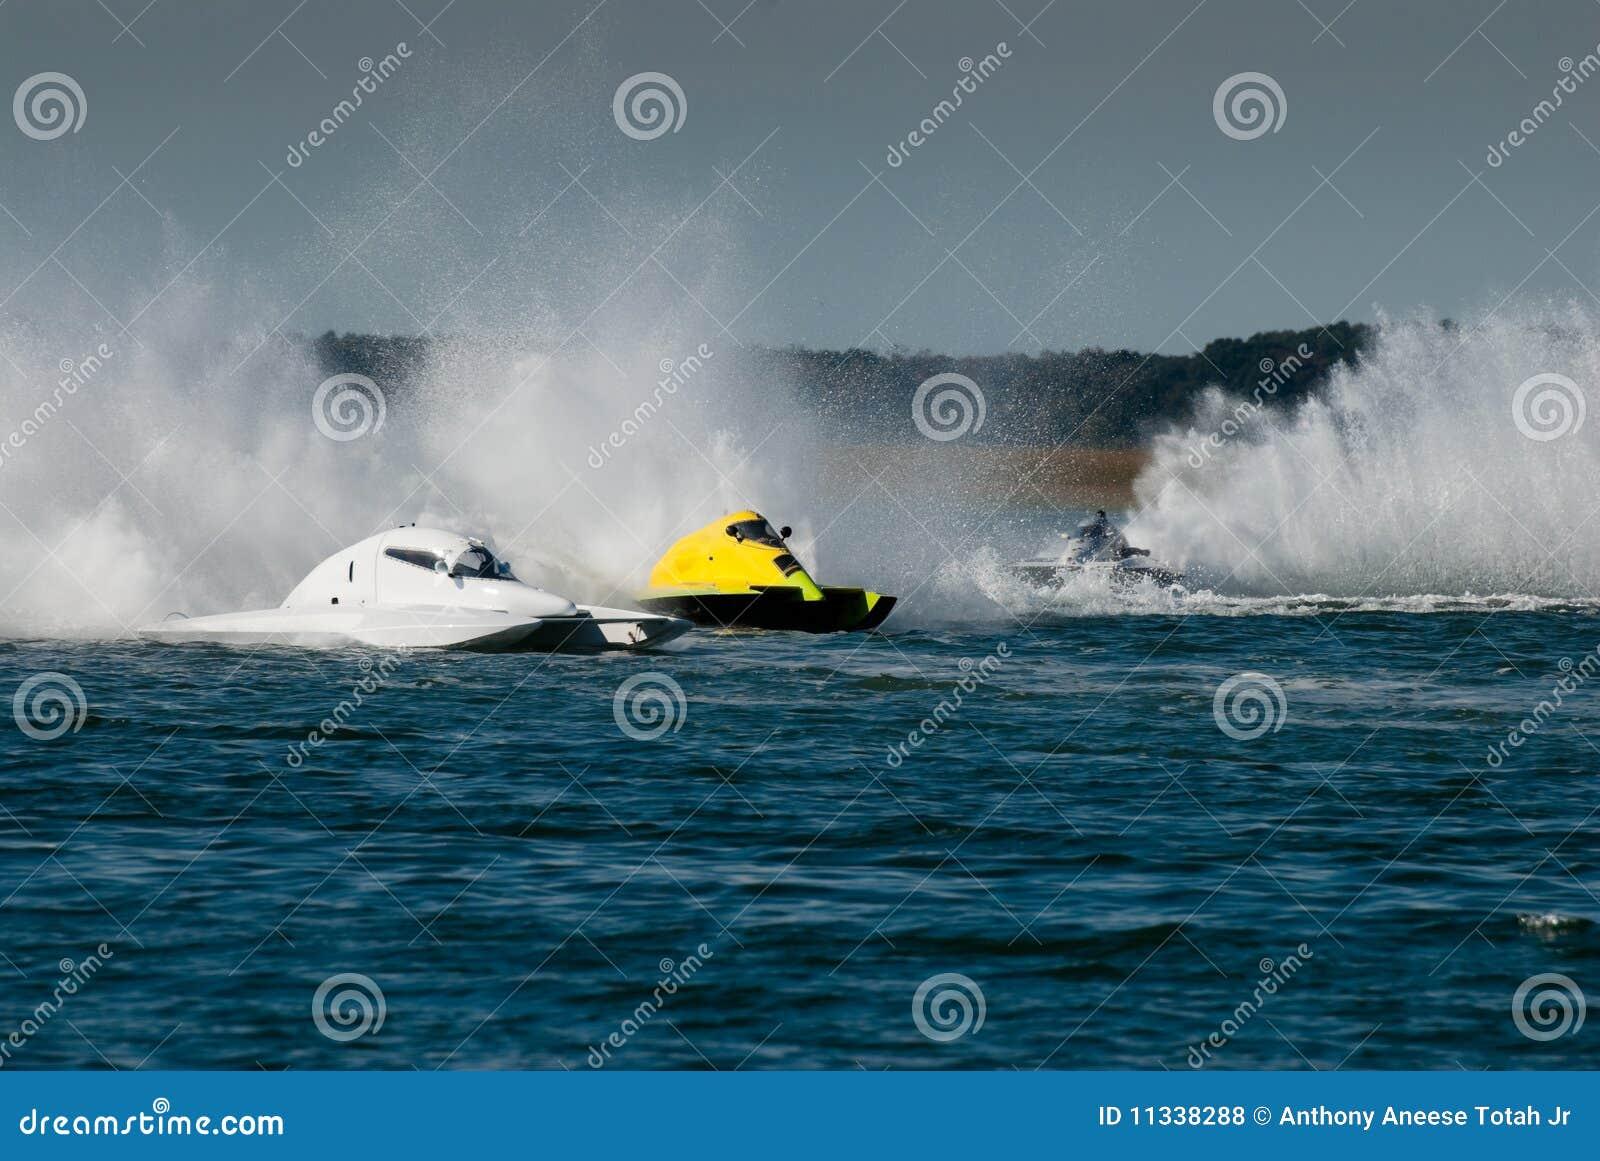 Racespeedboat